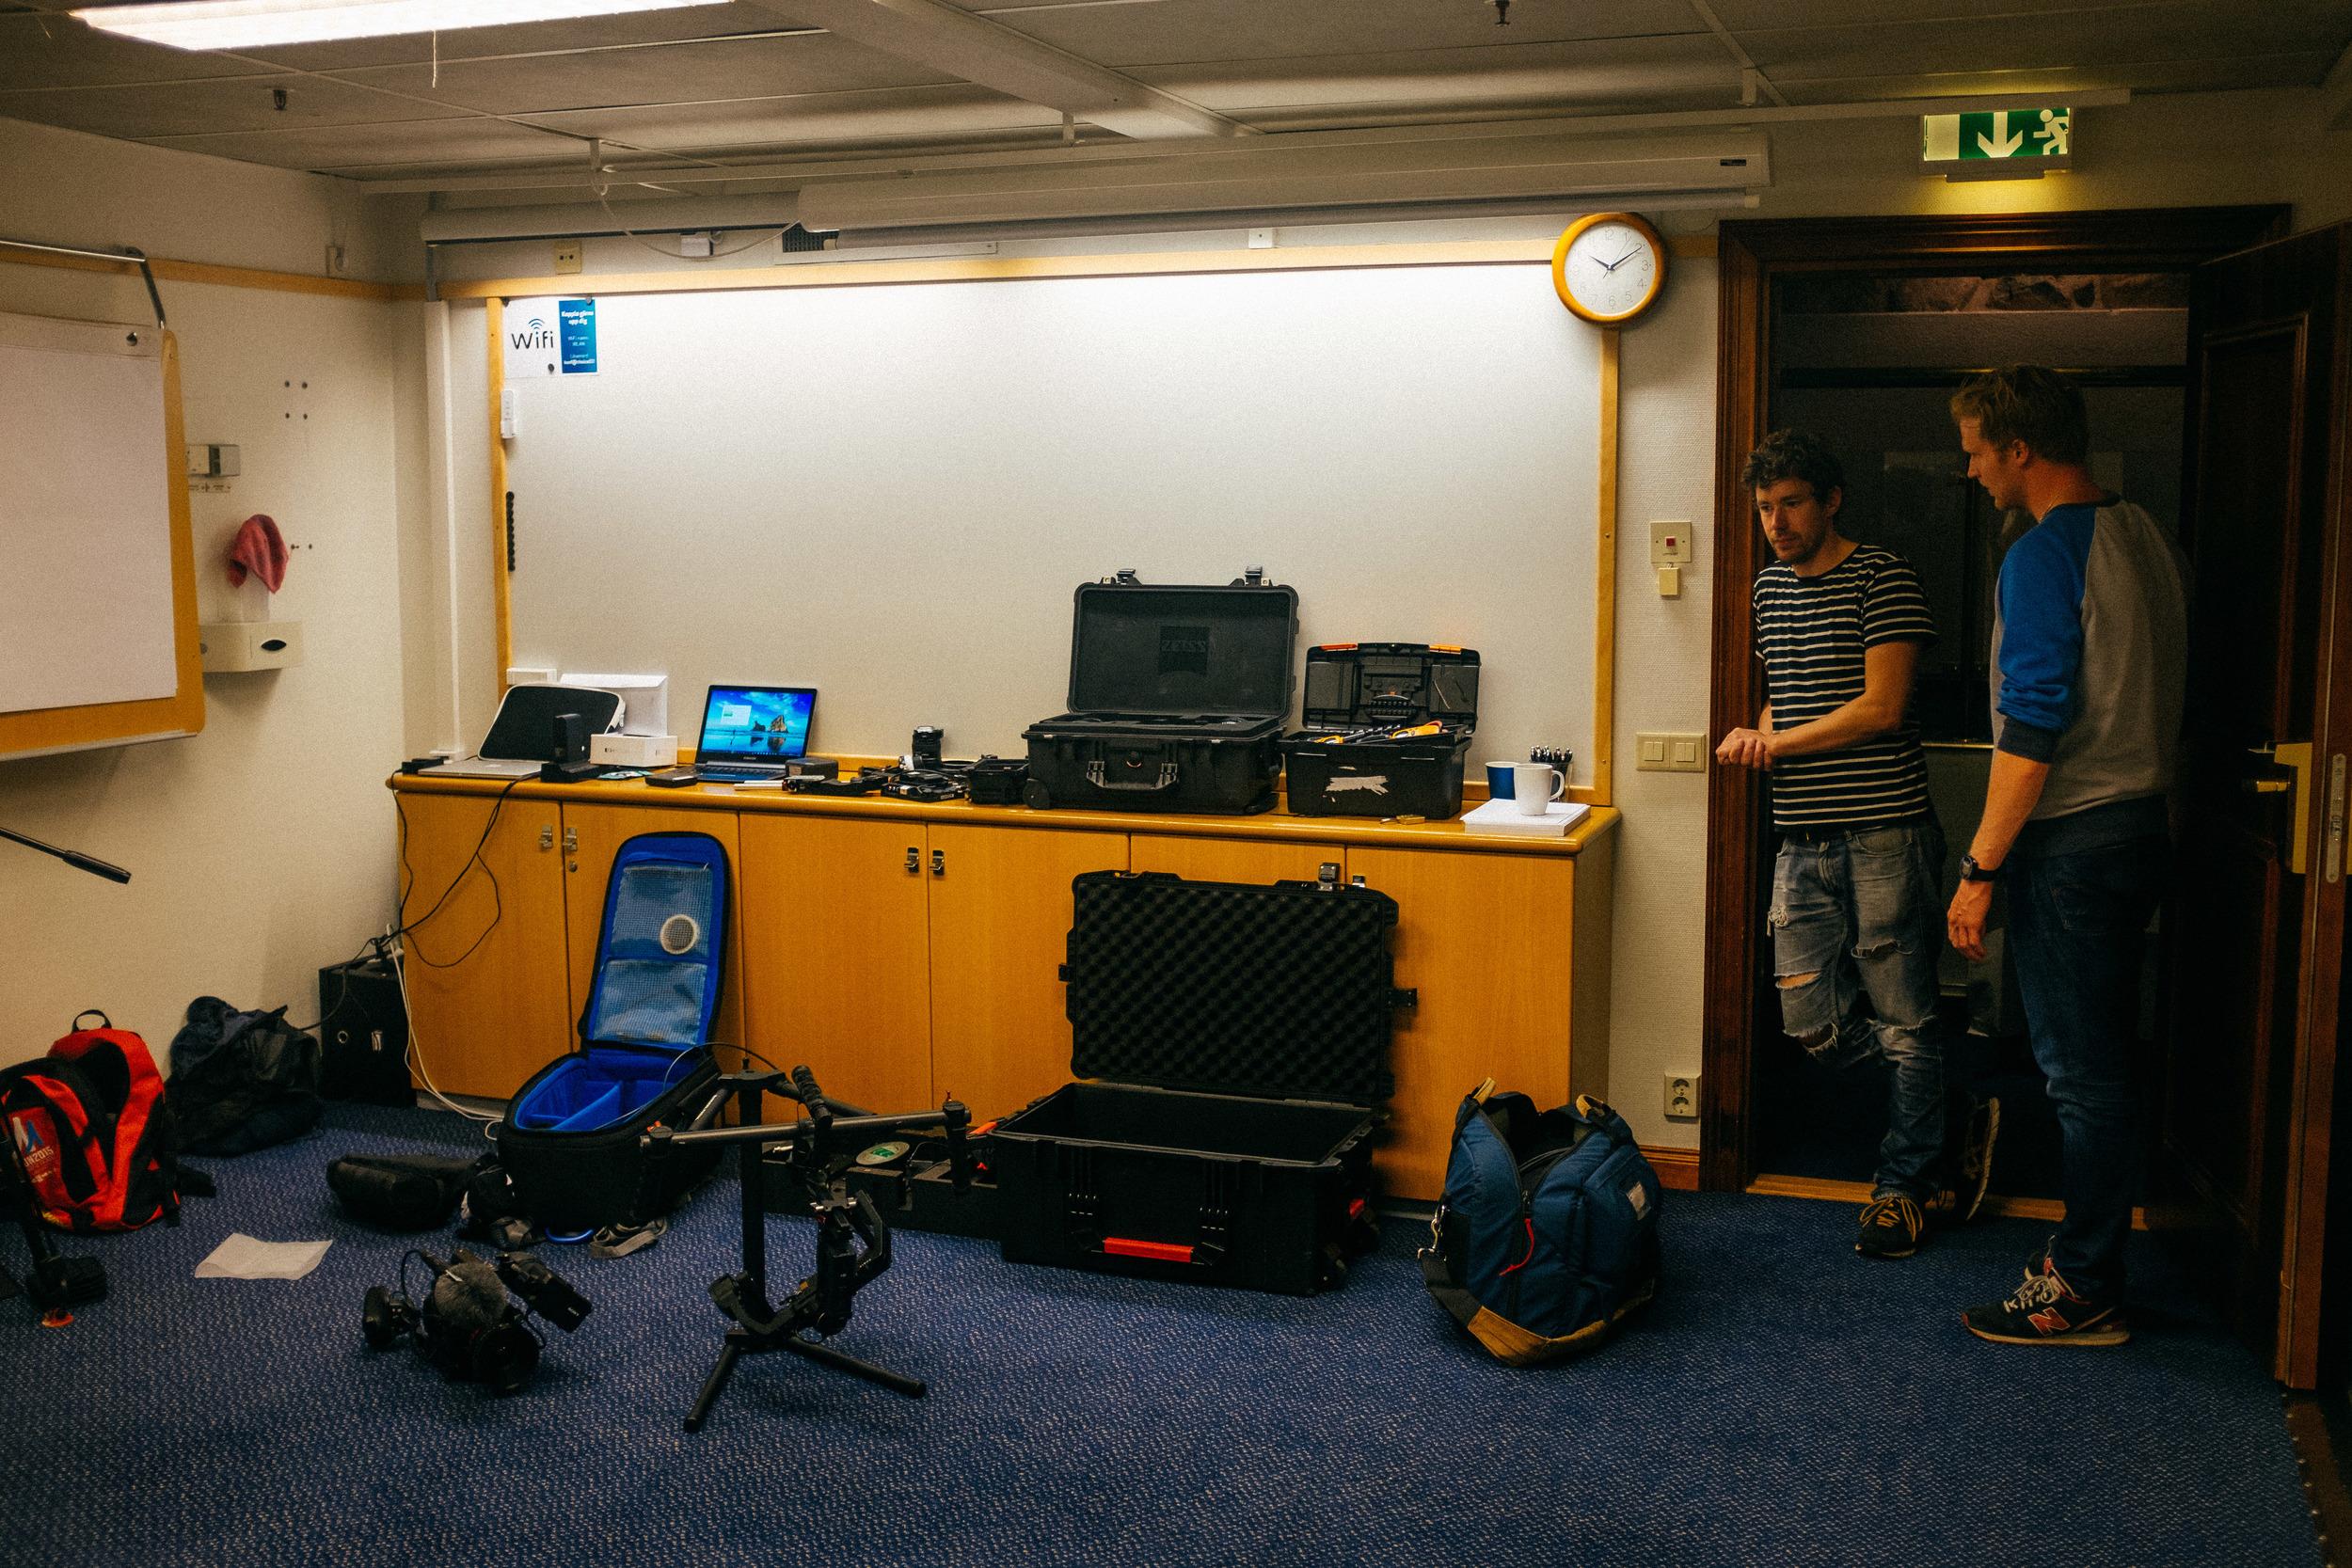 Teknikrummet under inspelningen. Rigg av kameror, kopiering och backup av filmat material. Jocke och Martin efter en lång inspelningsdag.